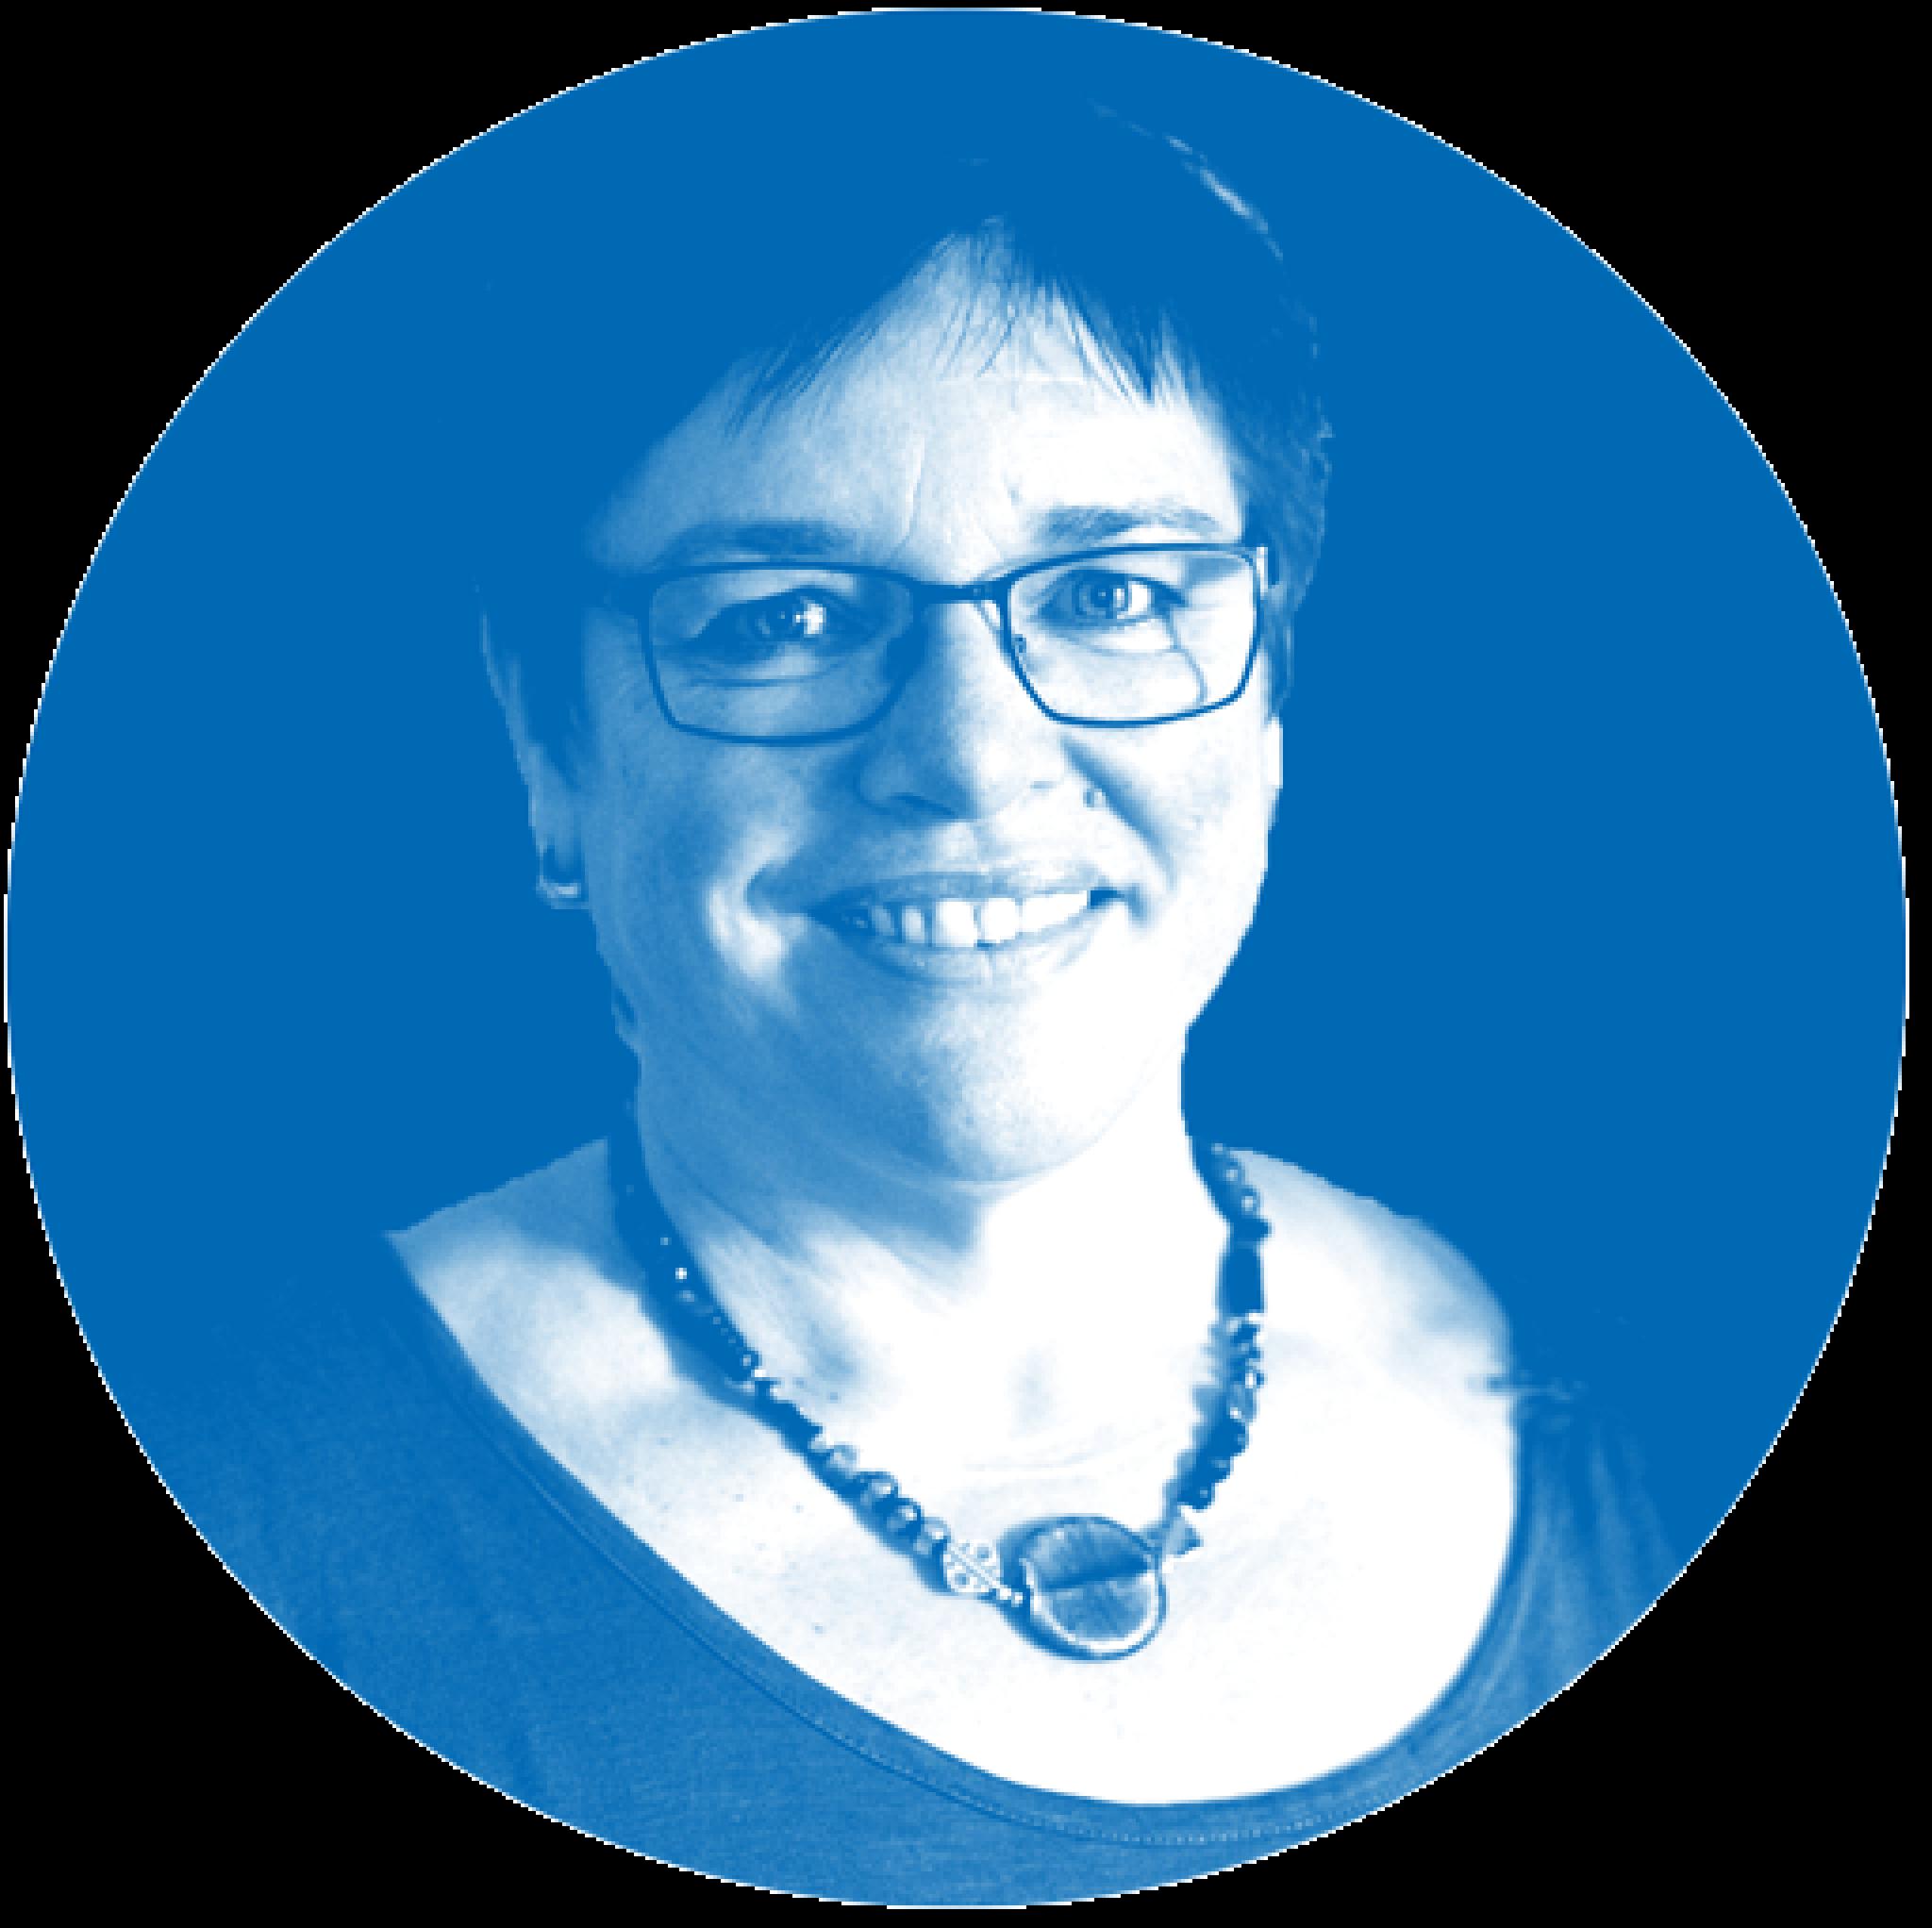 Susanne Schenk